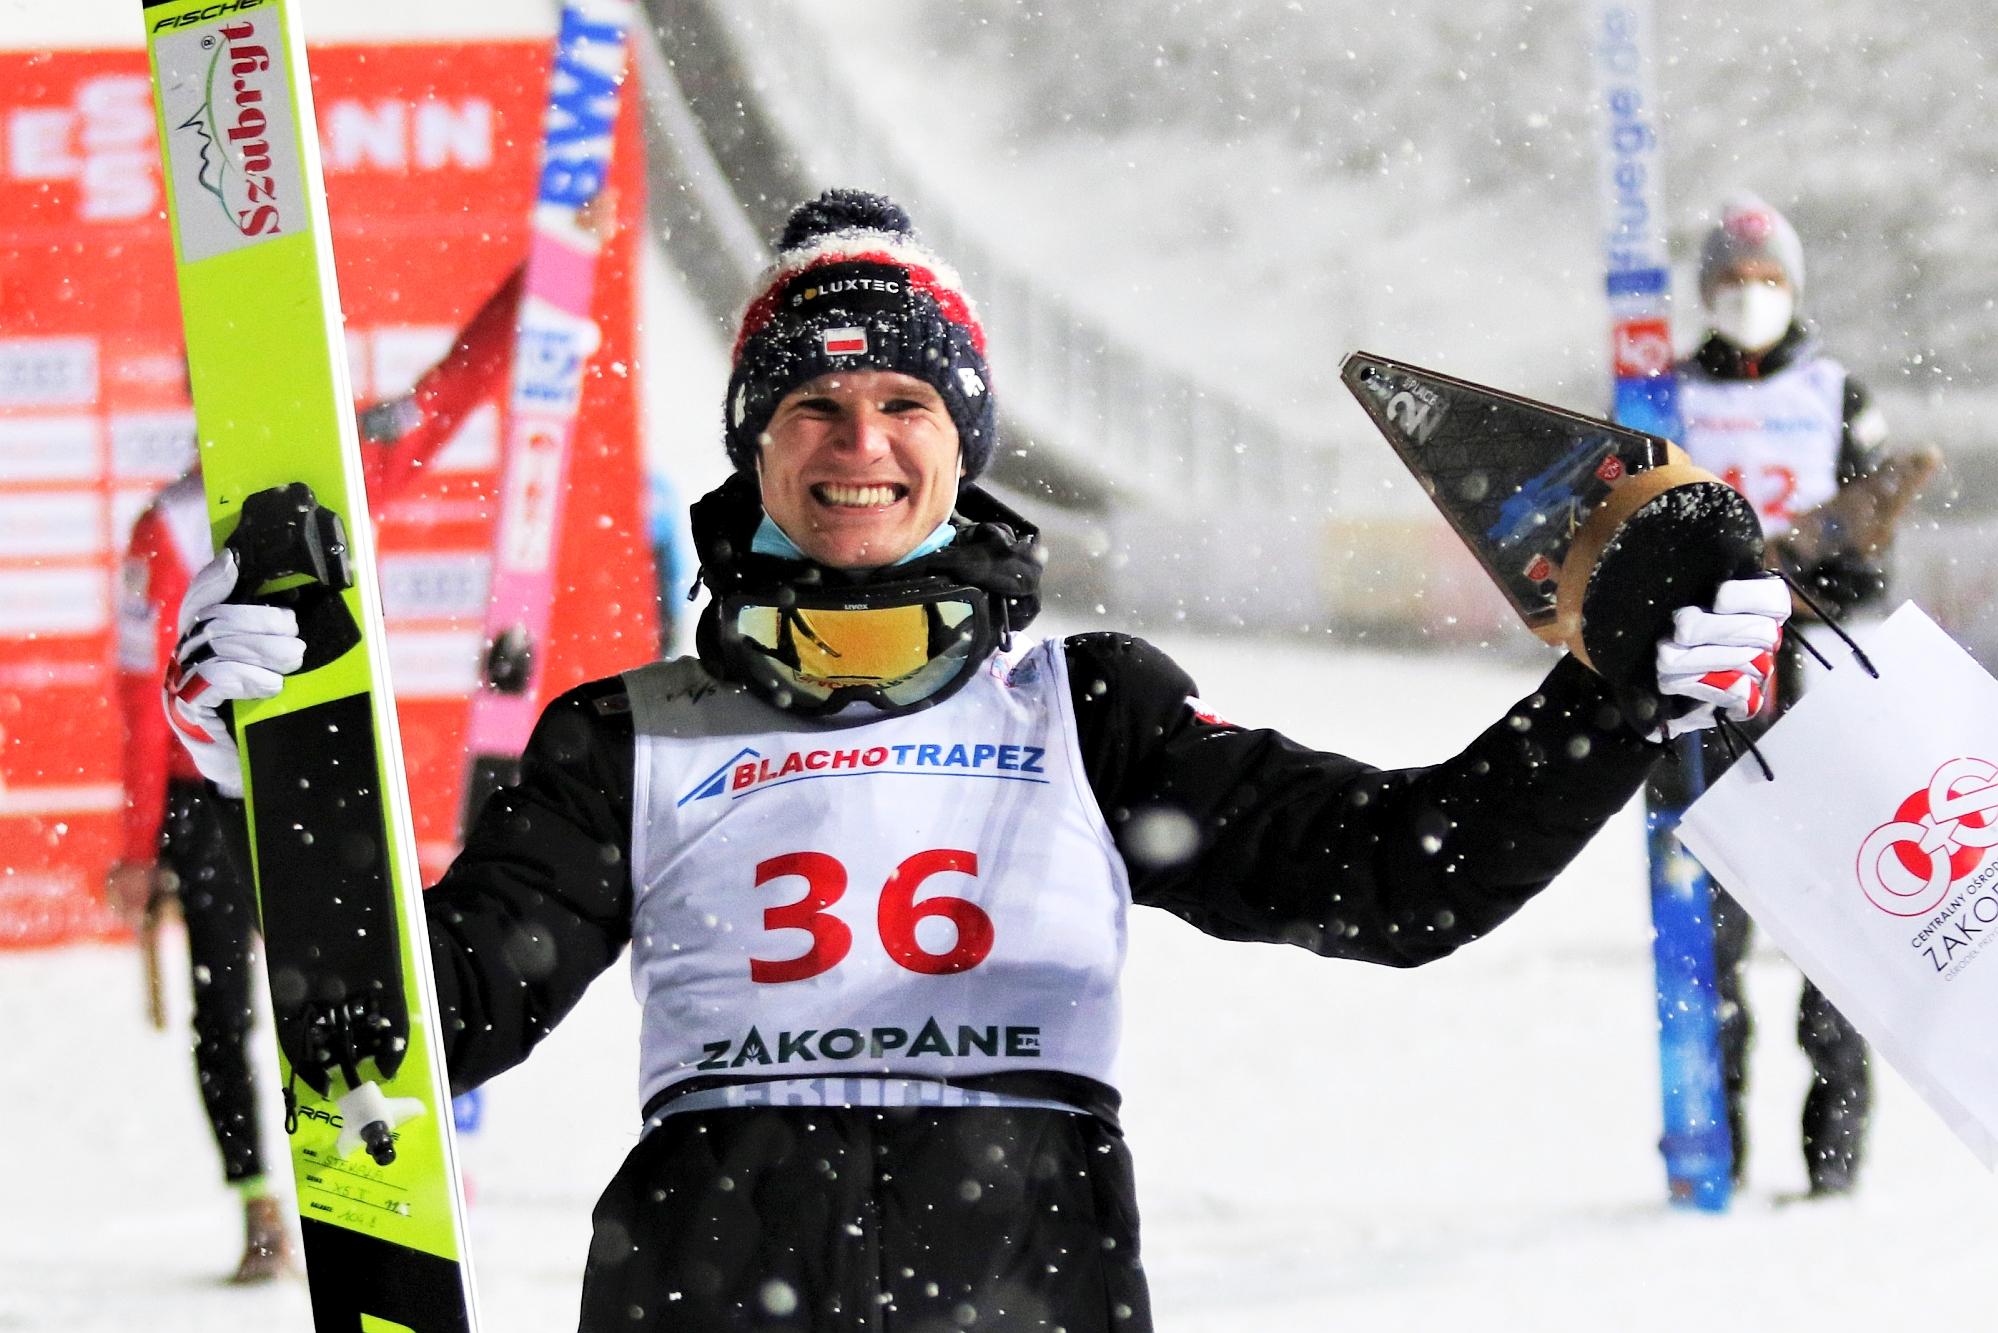 PŚ Zakopane: Kobayashi wygrywa, Stękała z premierowym podium!